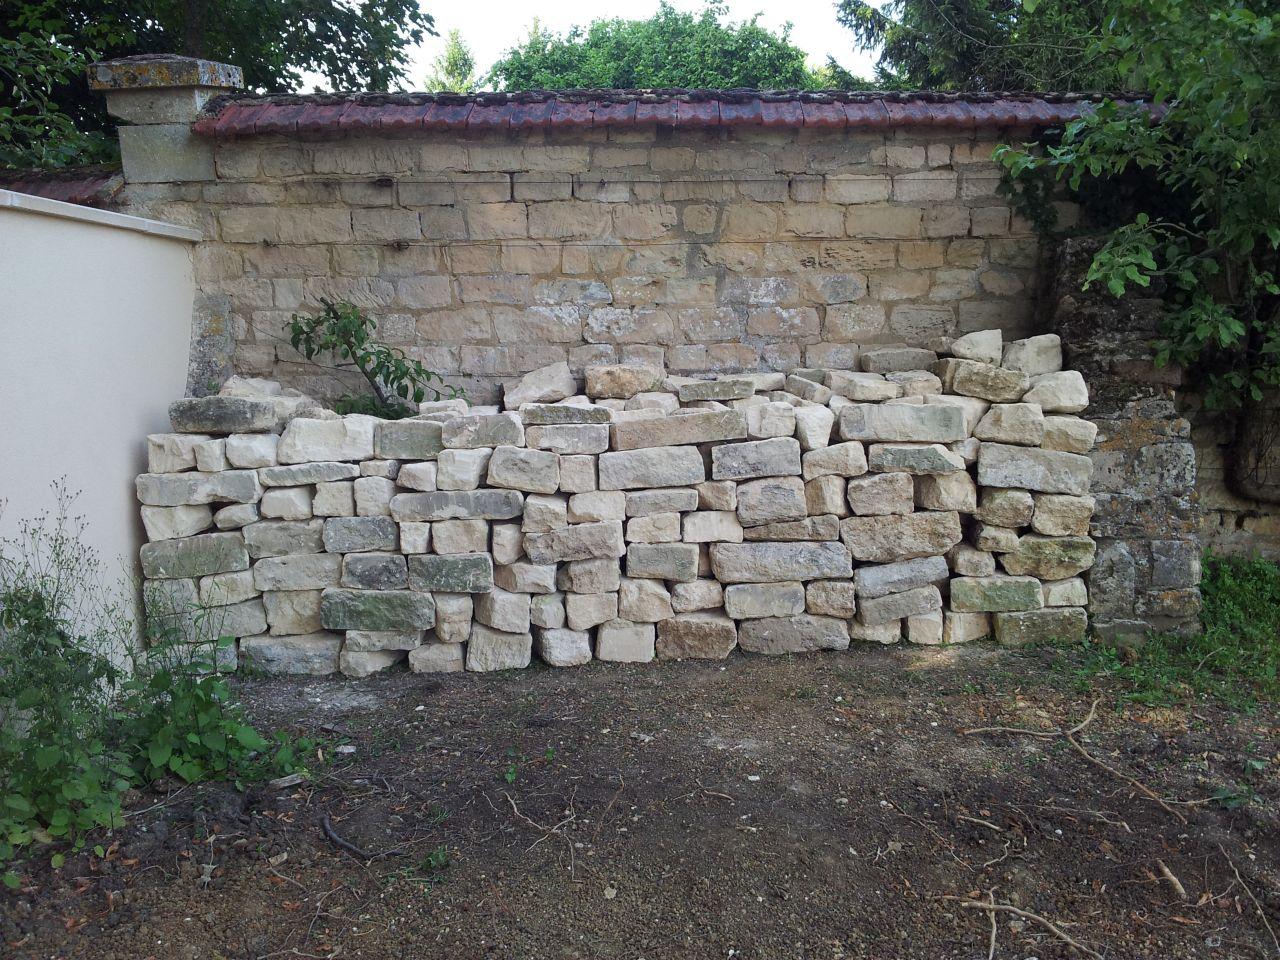 tas de pierres récupérées du mur d'enceinte